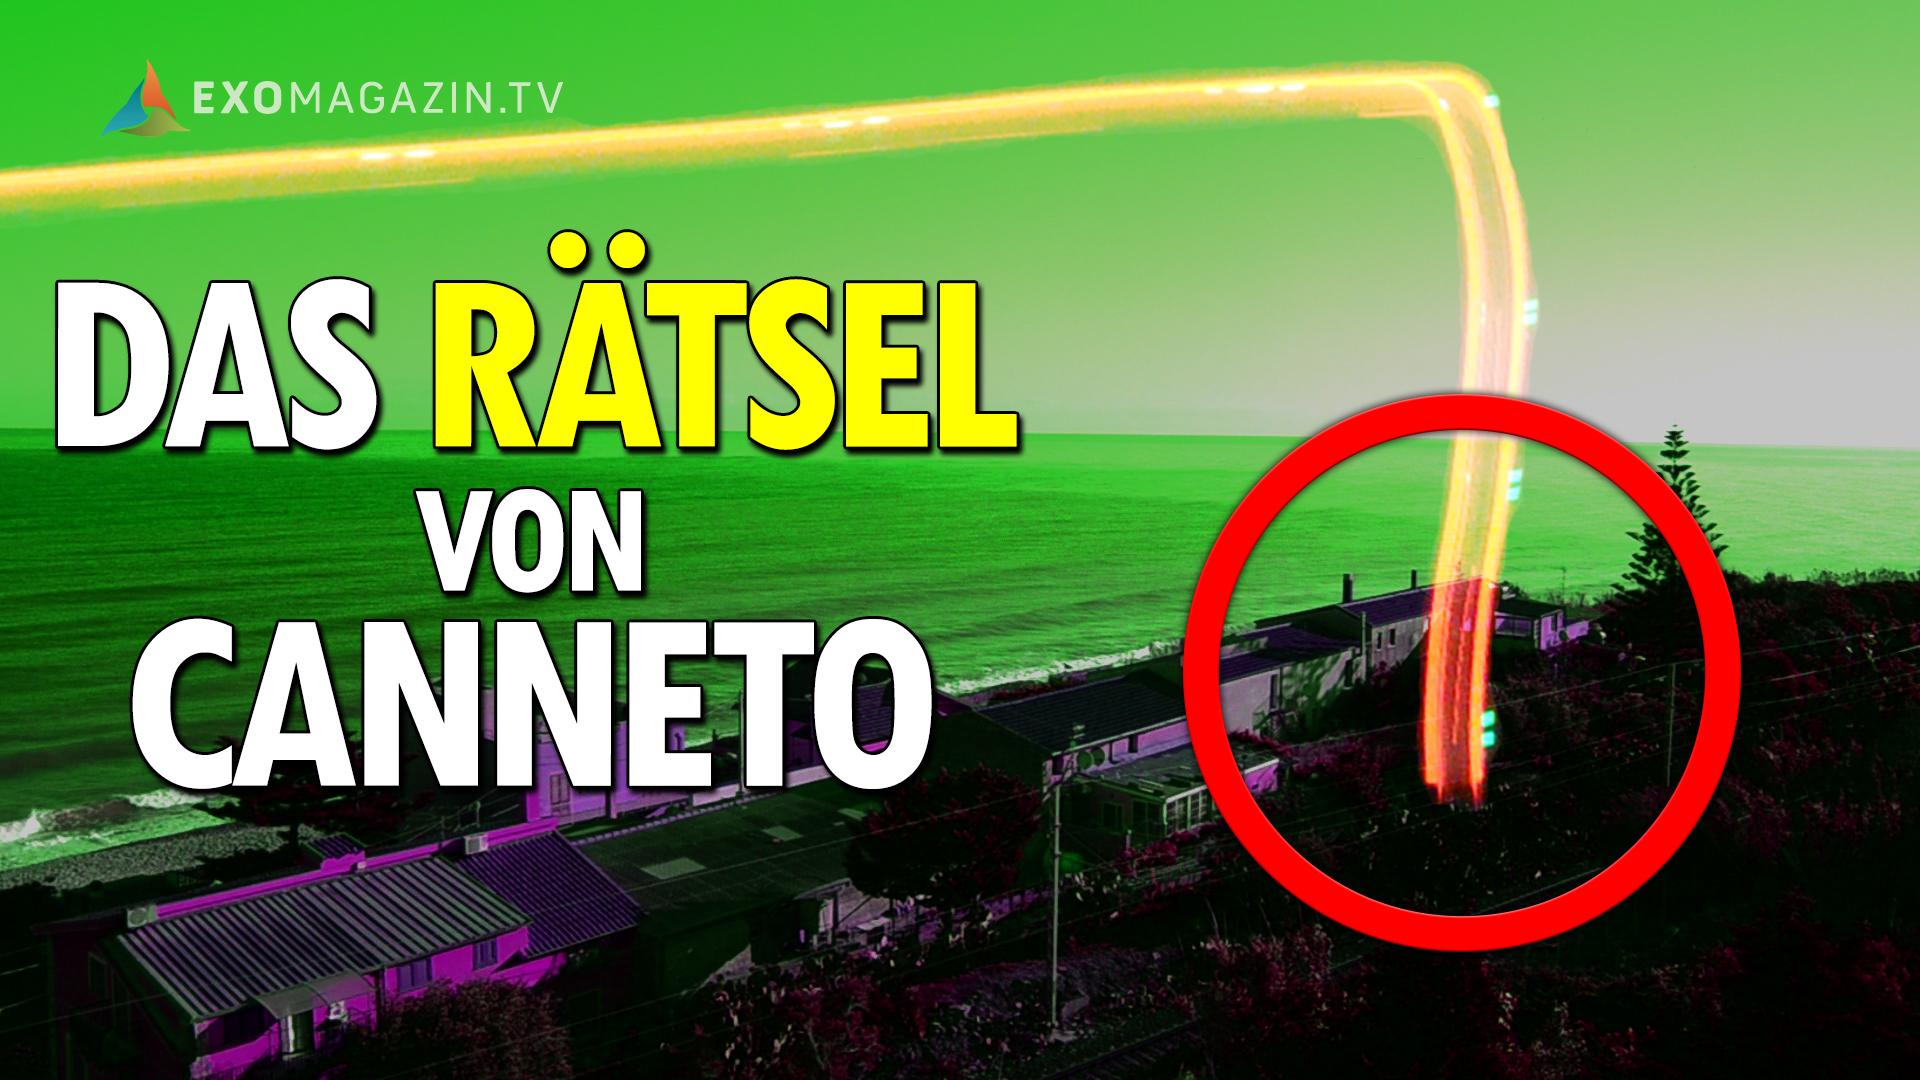 Ufos Auf Sizilien Das Ratsel Von Canneto Exomagazin Tv